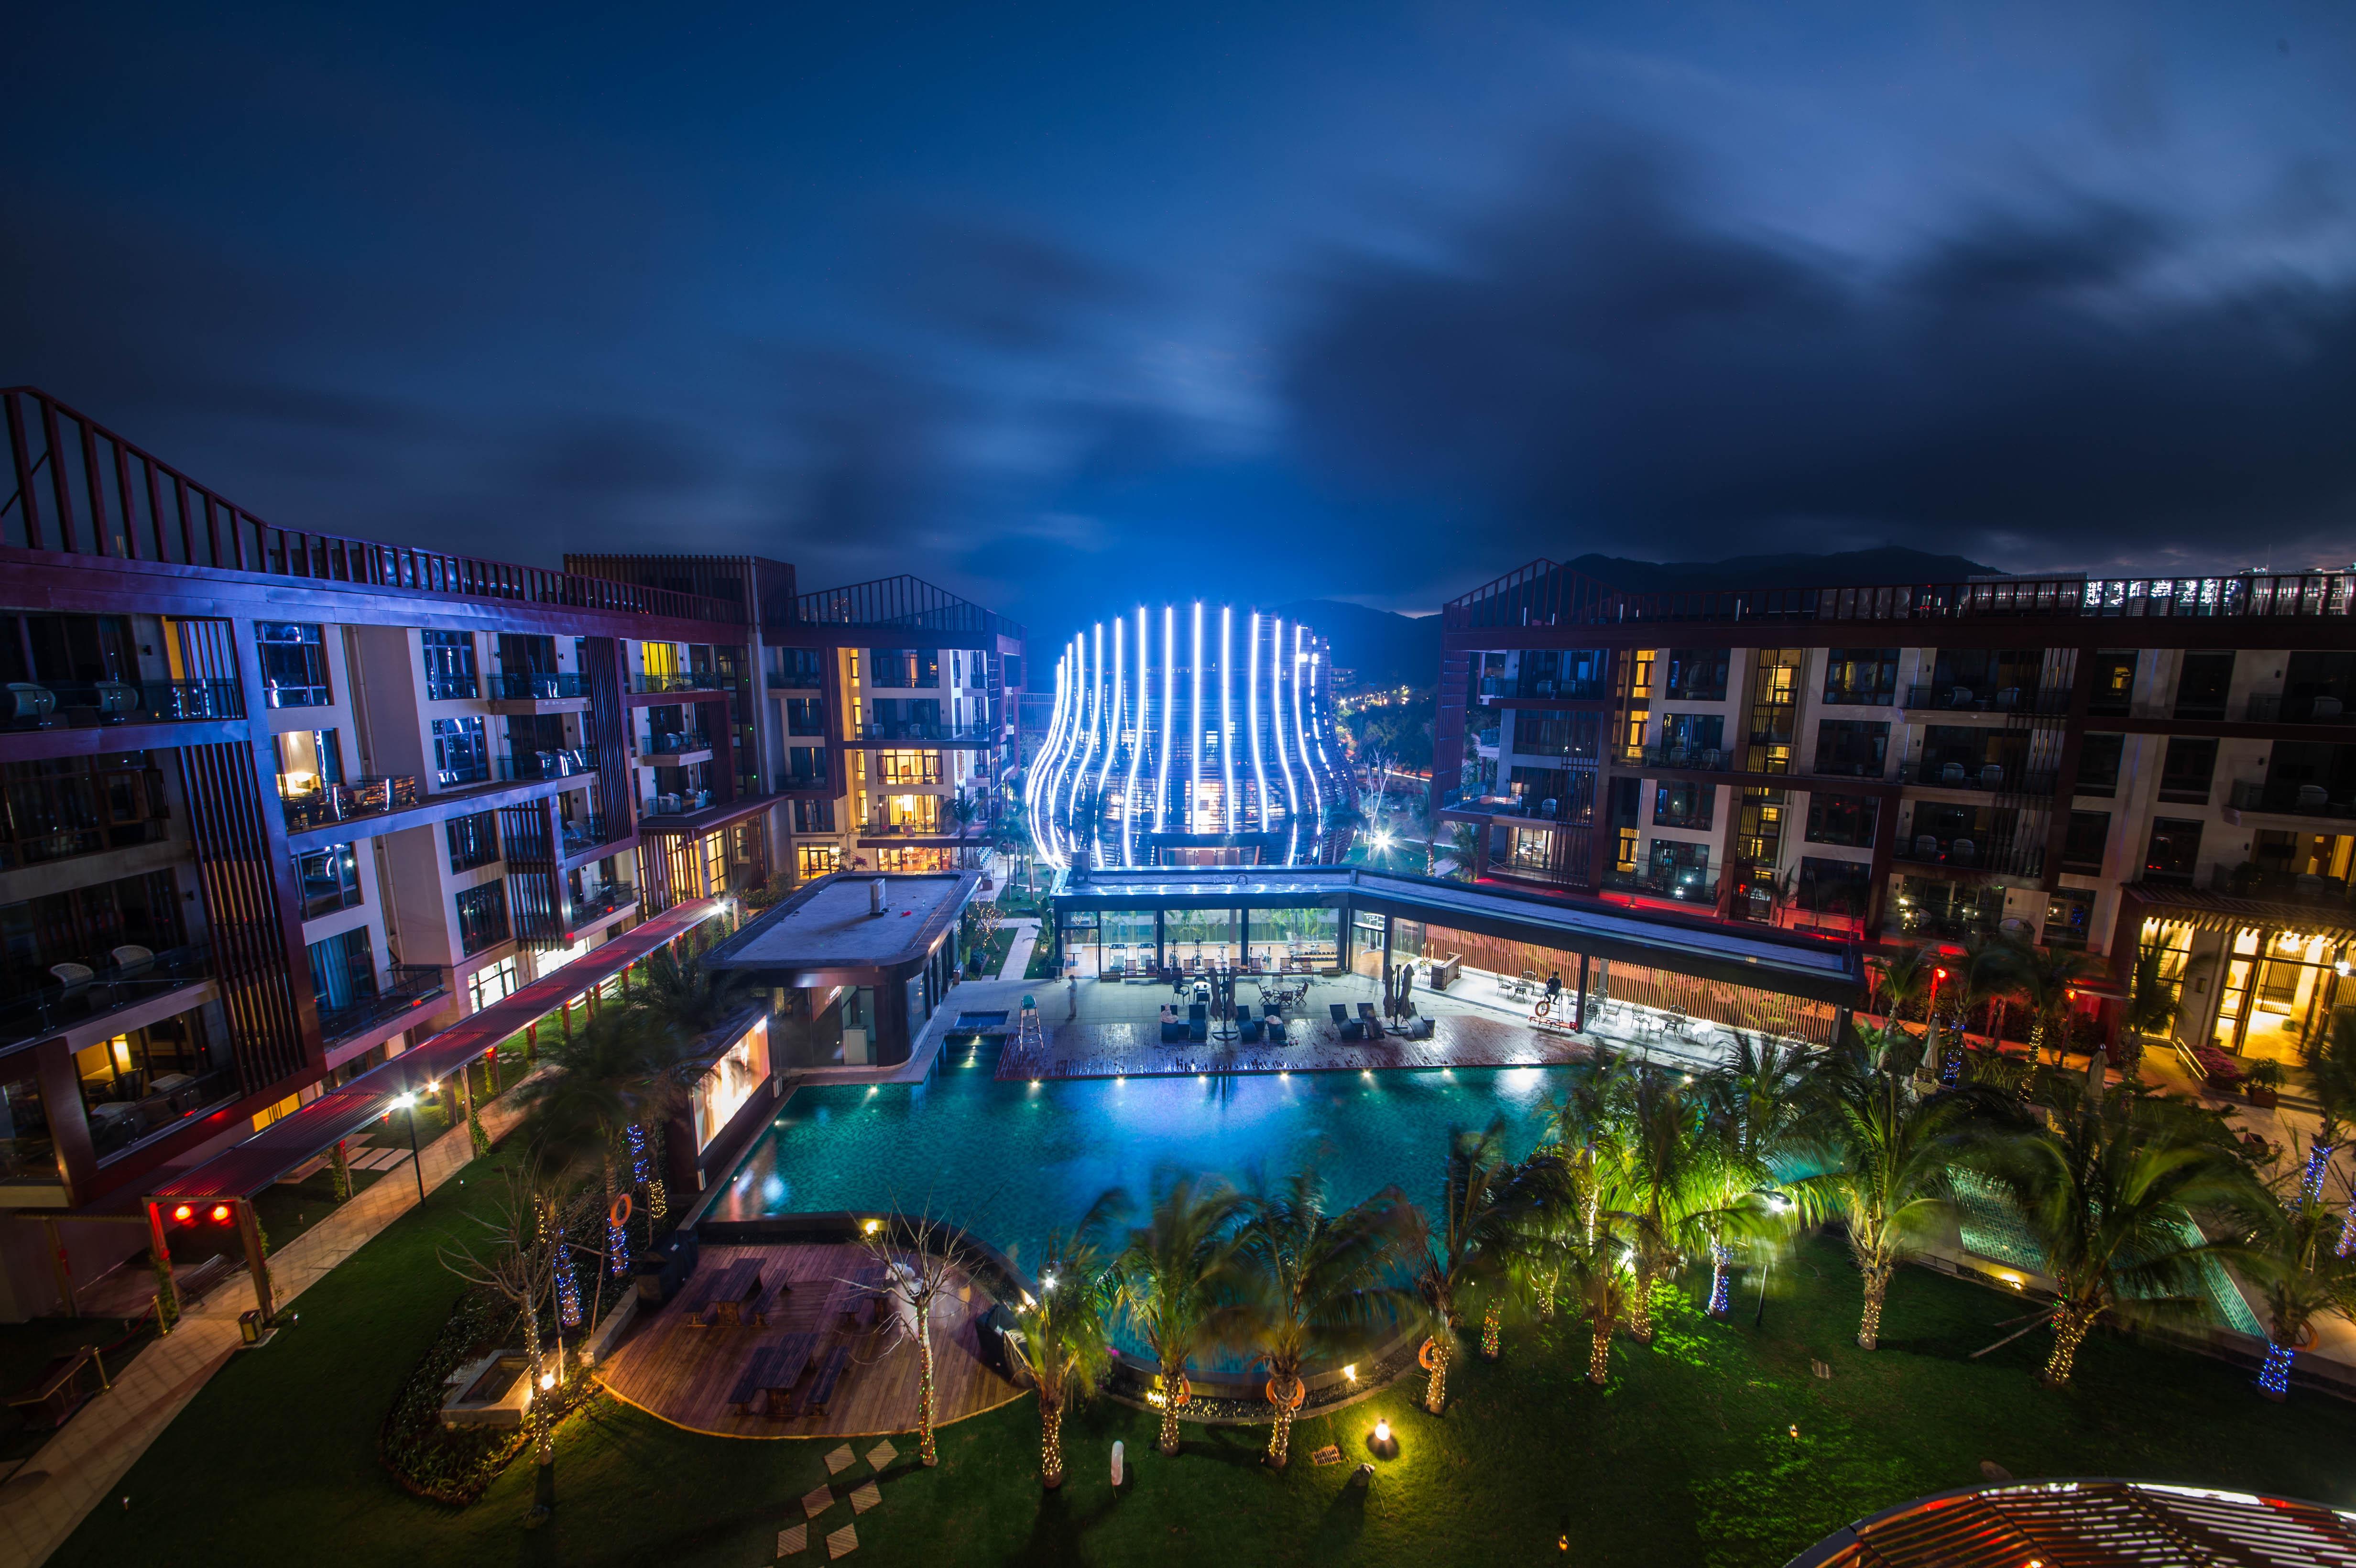 三亚亚龙湾雅阁温泉度假酒店